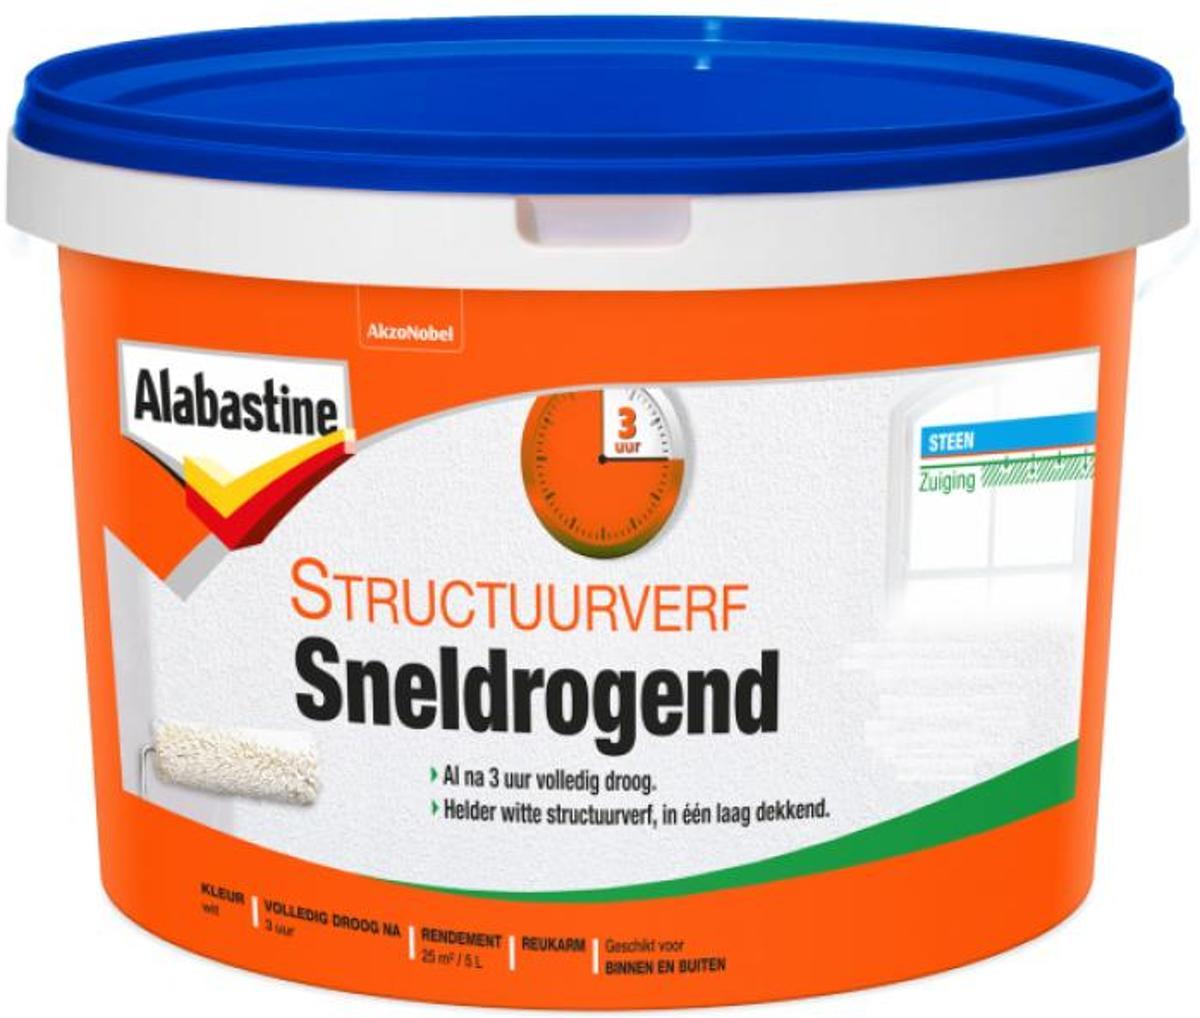 Alabastine Structuurverf Sneldrogend Fijn Wit (5 liter)